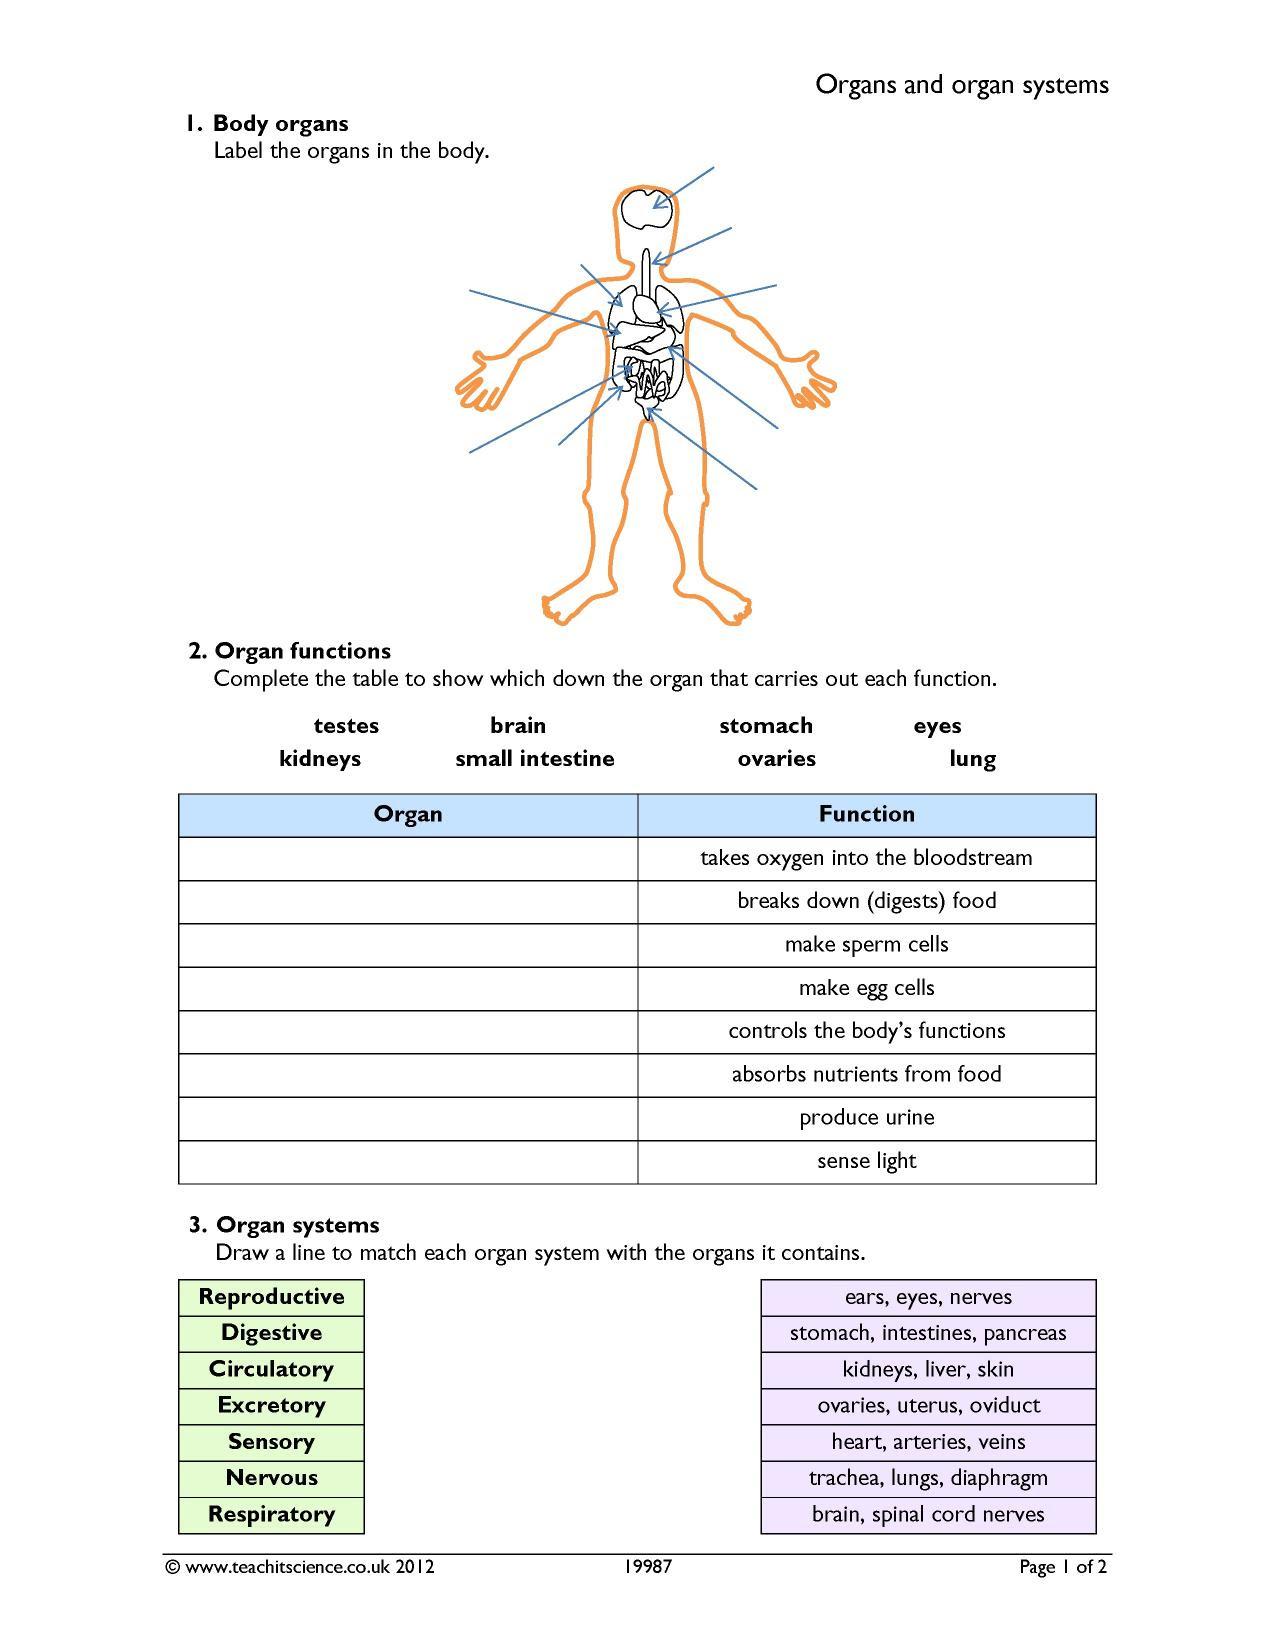 Organs and organ systems - Human biology (KS3)